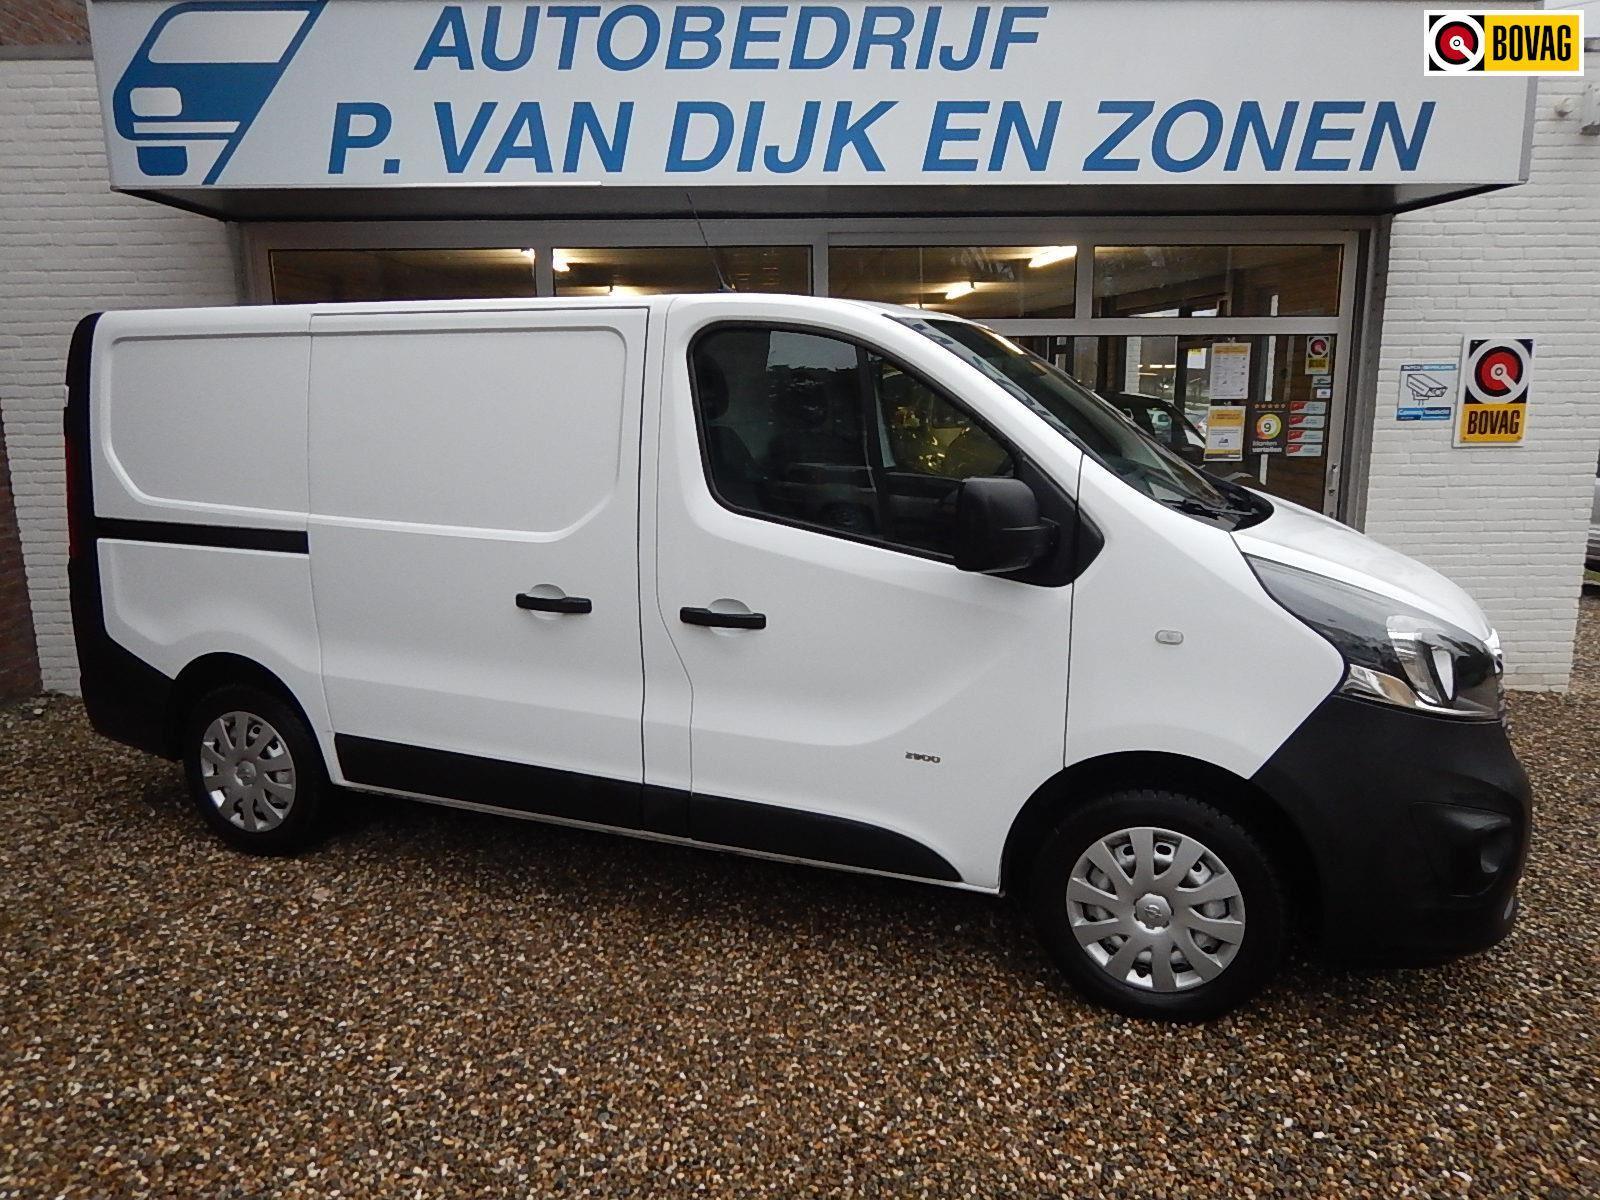 Opel Vivaro occasion - Autobedrijf P. van Dijk en Zonen